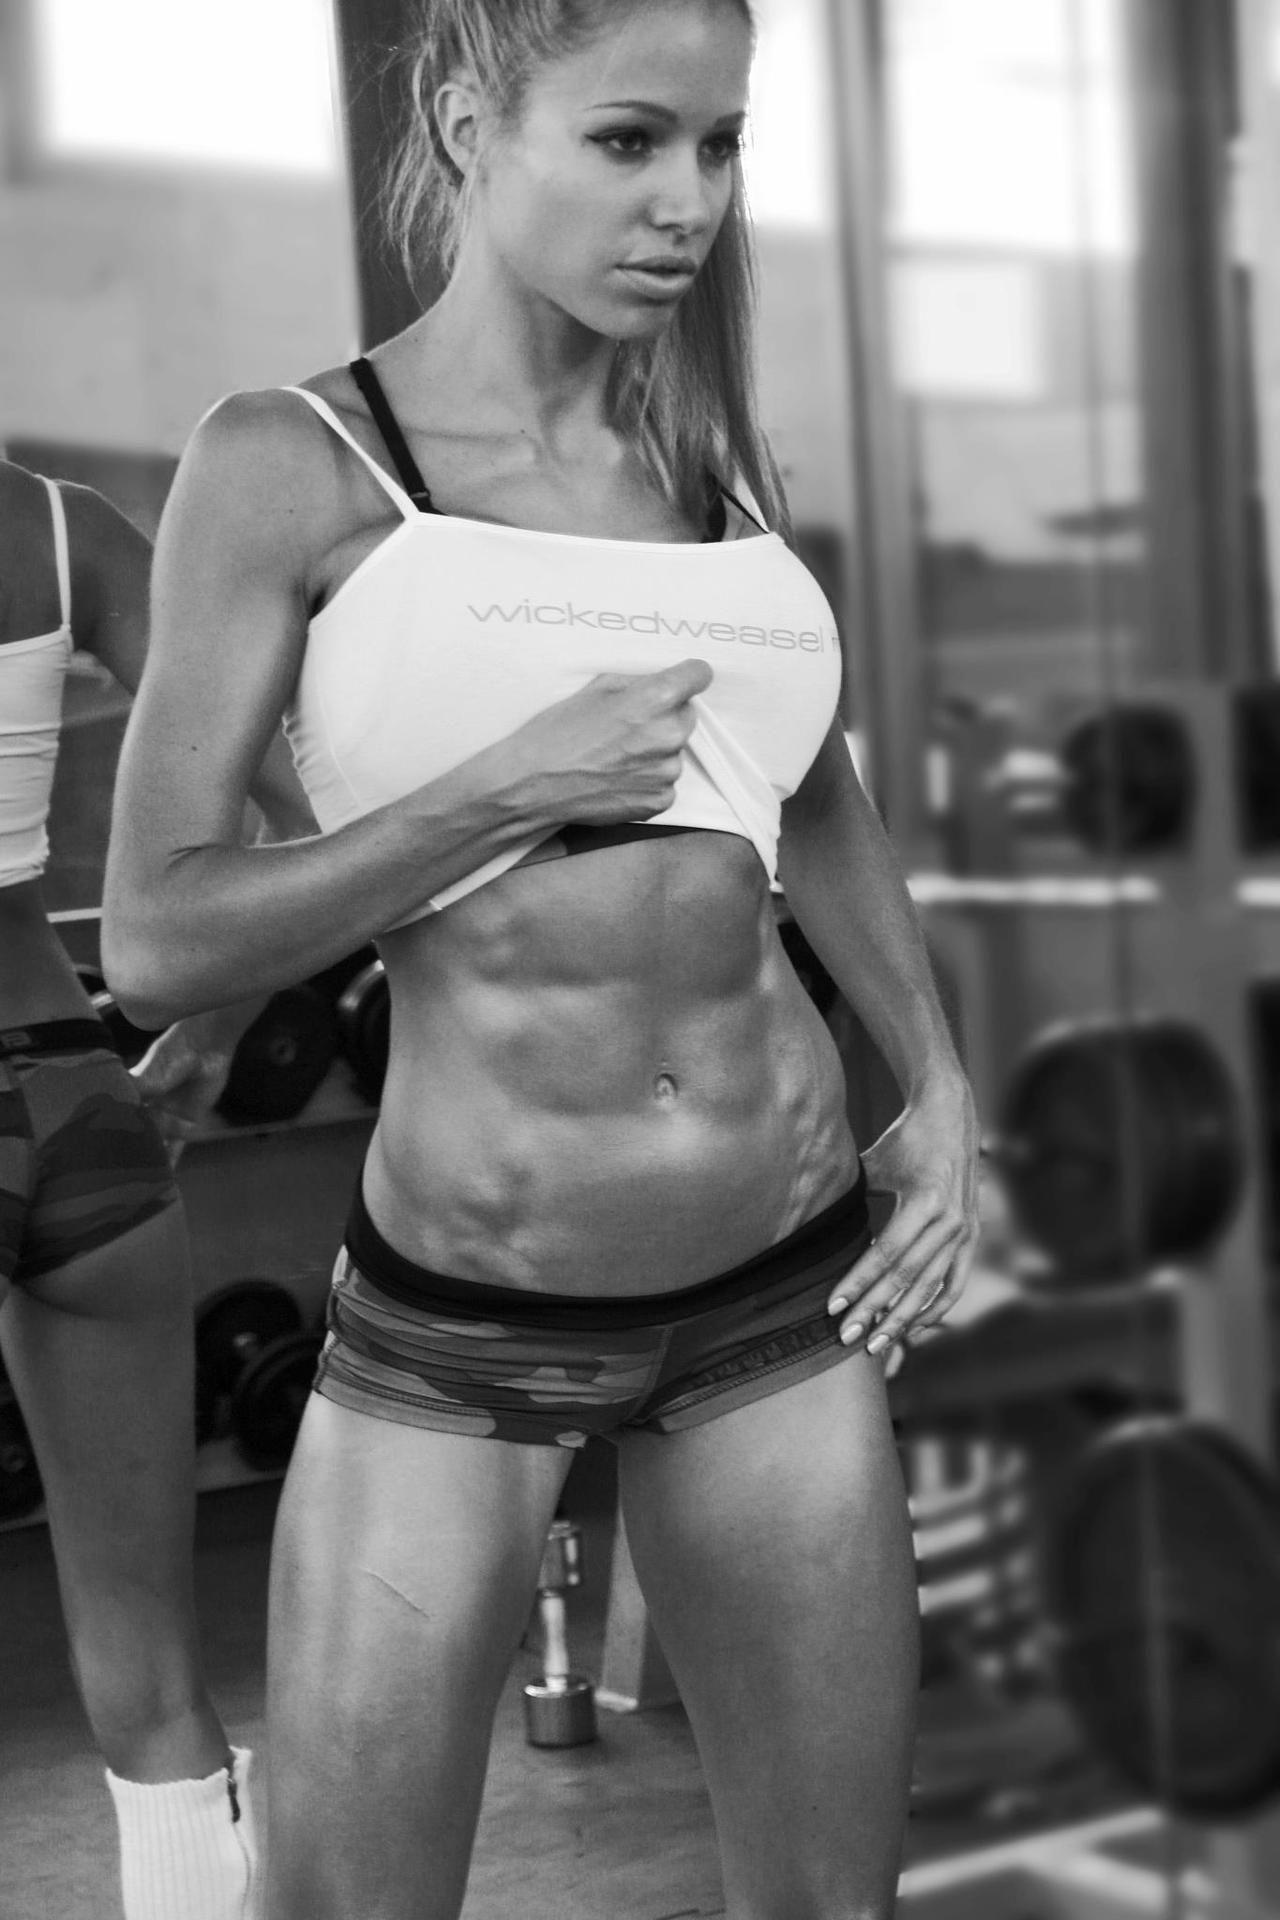 Эротическое фото девушек спортивного телосложения 15 фотография